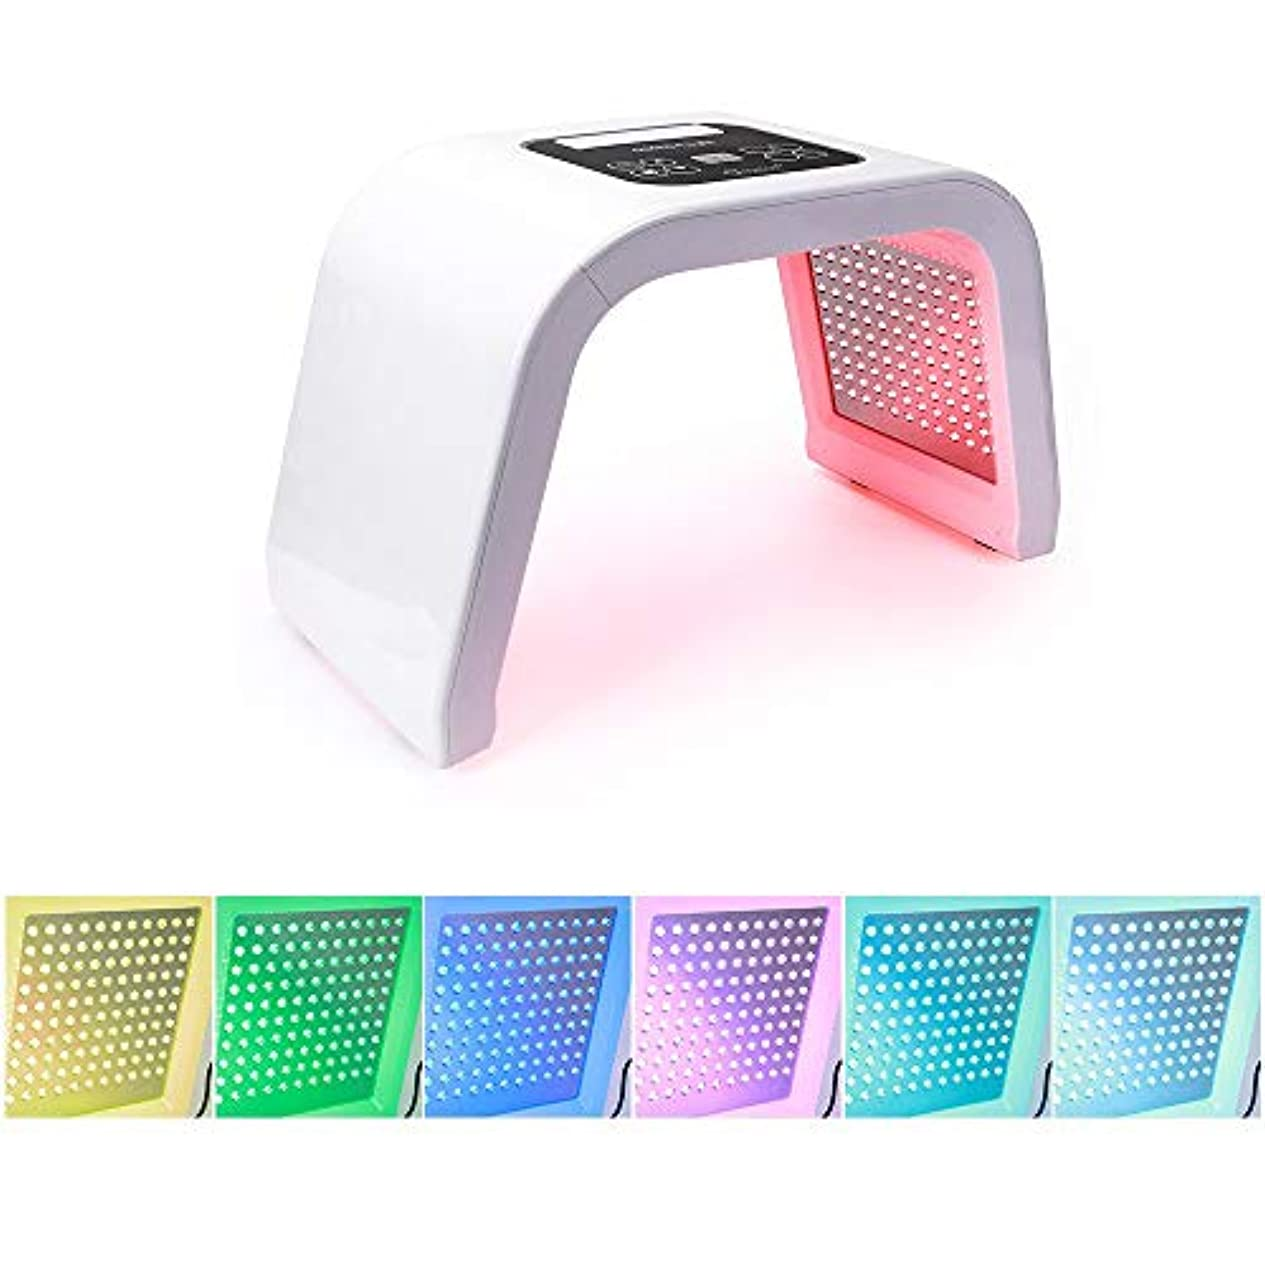 規範インディカラジエーターPDT 7色ledライト美容光力学ランプにきび治療スキンケア機若返りフェイシャルマシンボディ美容スキンケア光子療法機